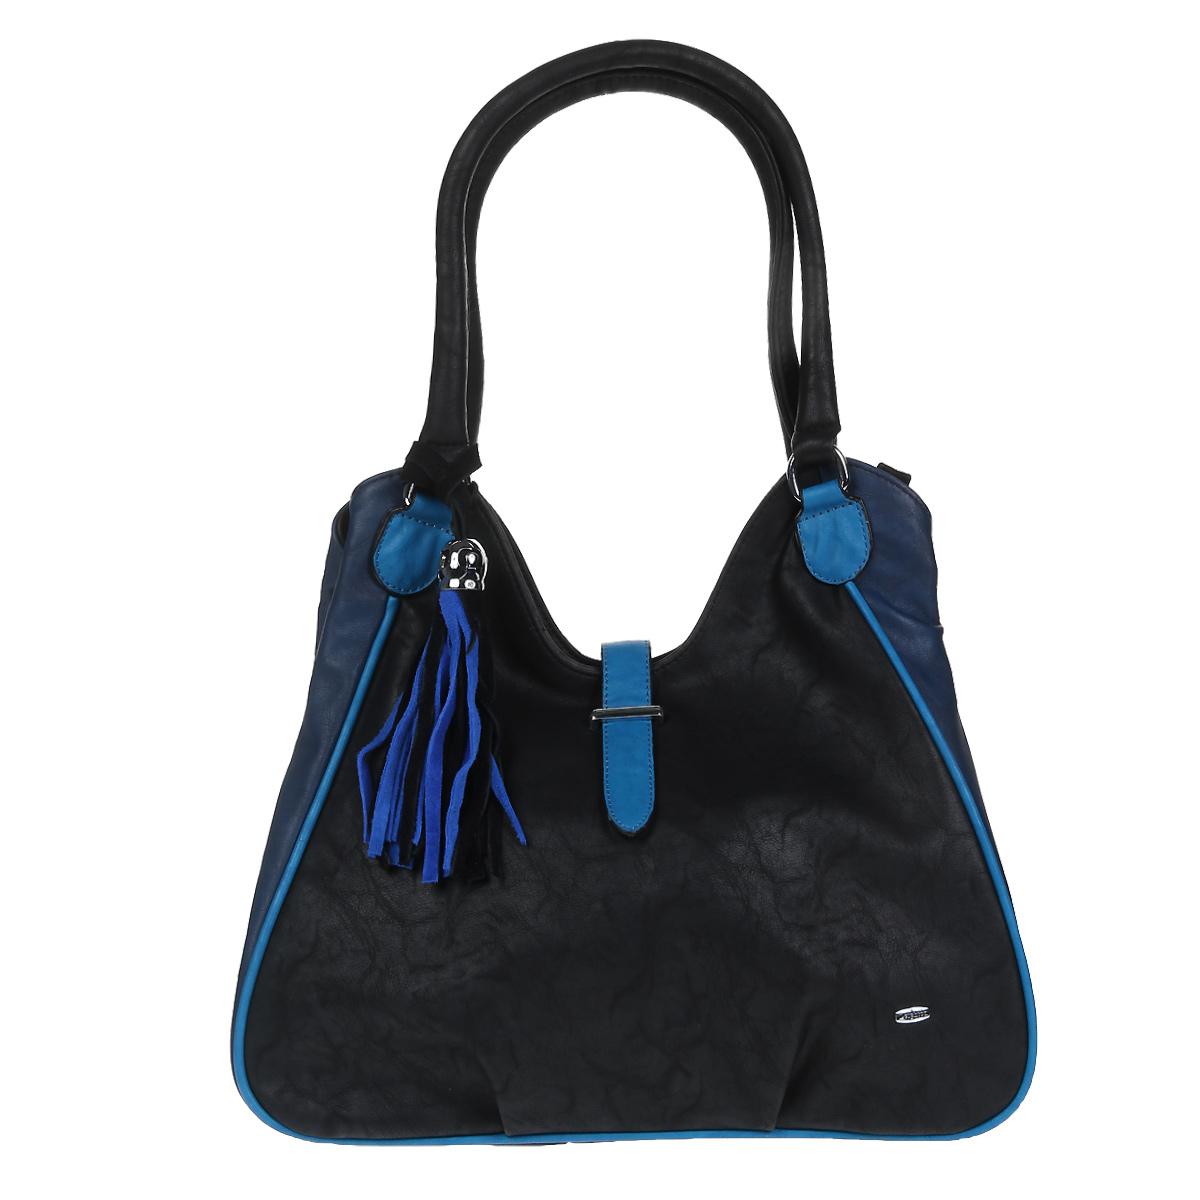 Сумка женская Leighton, цвет: черный, синий. 520293-1112520293-1112/101/1112/706/Стильная сумка Leighton выполнена из искусственной кожи черного цвета с отделкой из синей экокожи. Сумка имеет одно основное отделение, закрывающееся на застежку-молнию и дополнительно на хлястик. Внутри - смежный карман на молнии, два открытых накладных кармана и вшитый карман на молнии. На задней стенке сумки расположен дополнительный карман на молнии. Сумка оснащена двумя удобными ручками, позволяющими носить ее на плече. Ручка сумки декорирована подвеской в виде кисточки. Фурнитура серебристого цвета. Модная сумка подчеркнет ваш яркий стиль и сделает образ модным и завершенным. Характеристики: Материал: искусственная кожа, металл, текстиль. Цвет: черный, синий. Размер сумки: 34 см х 32 см х 14 см. Высота ручек: 22 см. Артикул: 520293-1112.